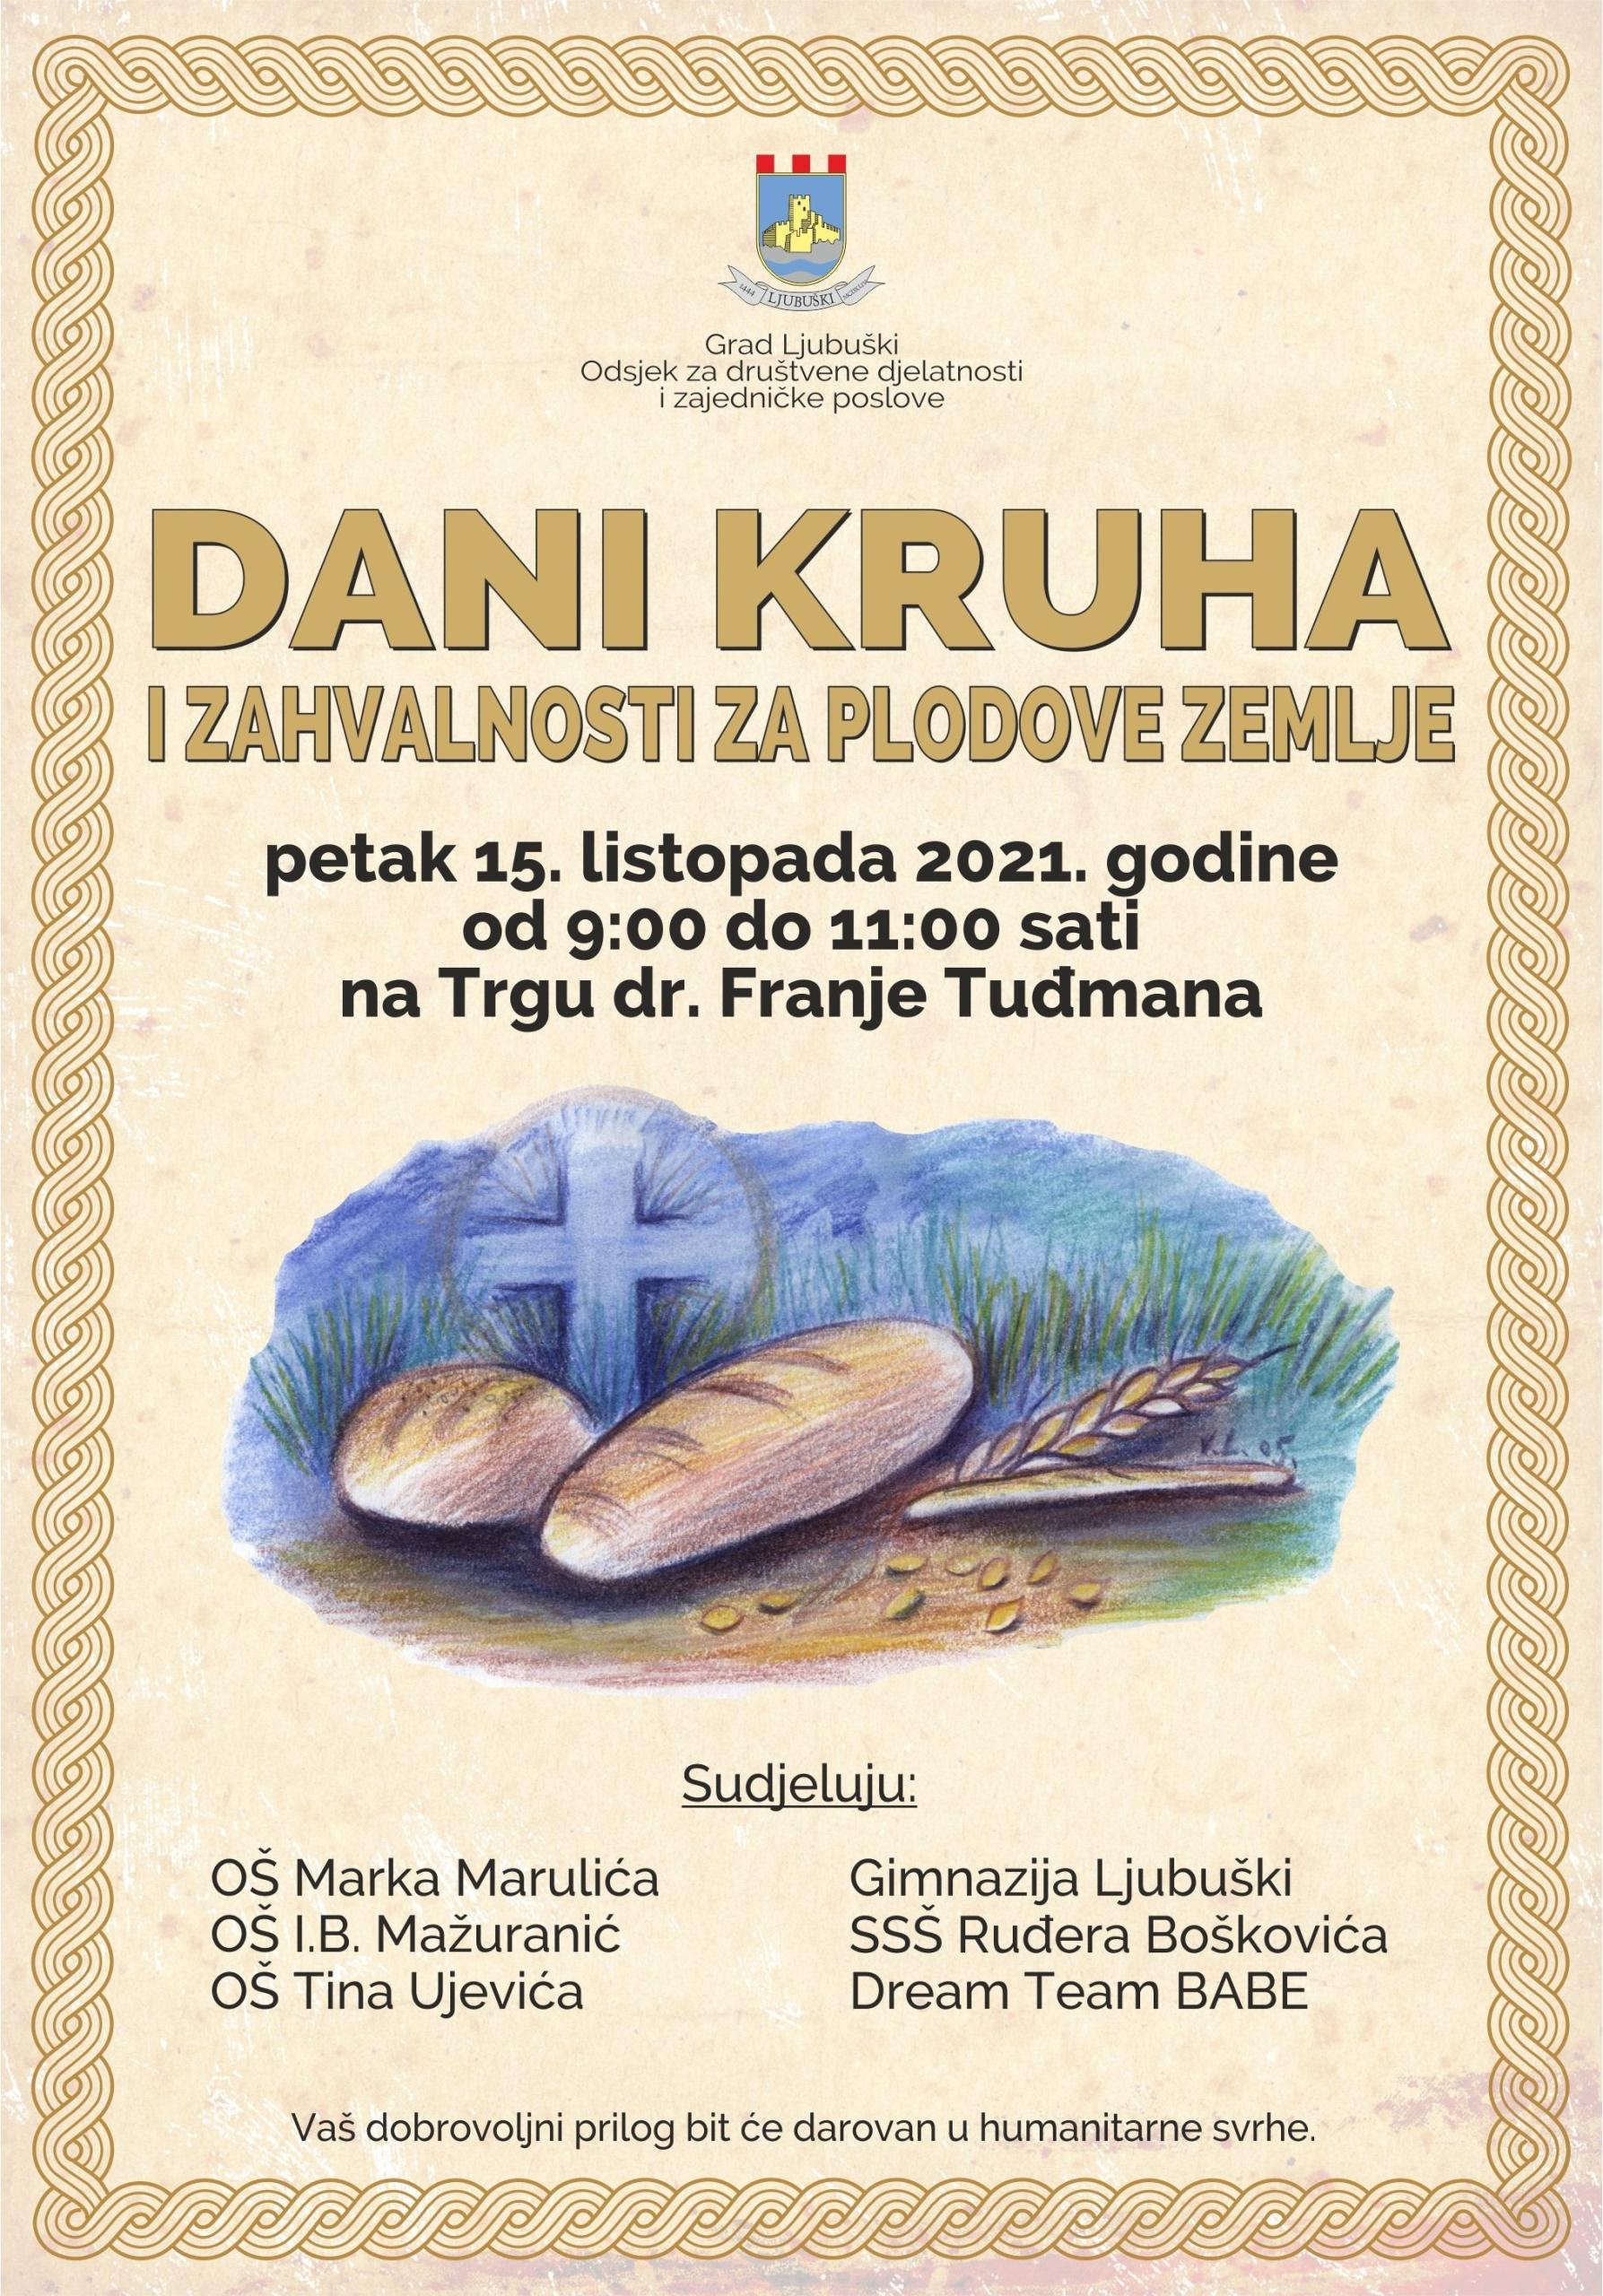 Dani-kruha-2021-1-scaled-1